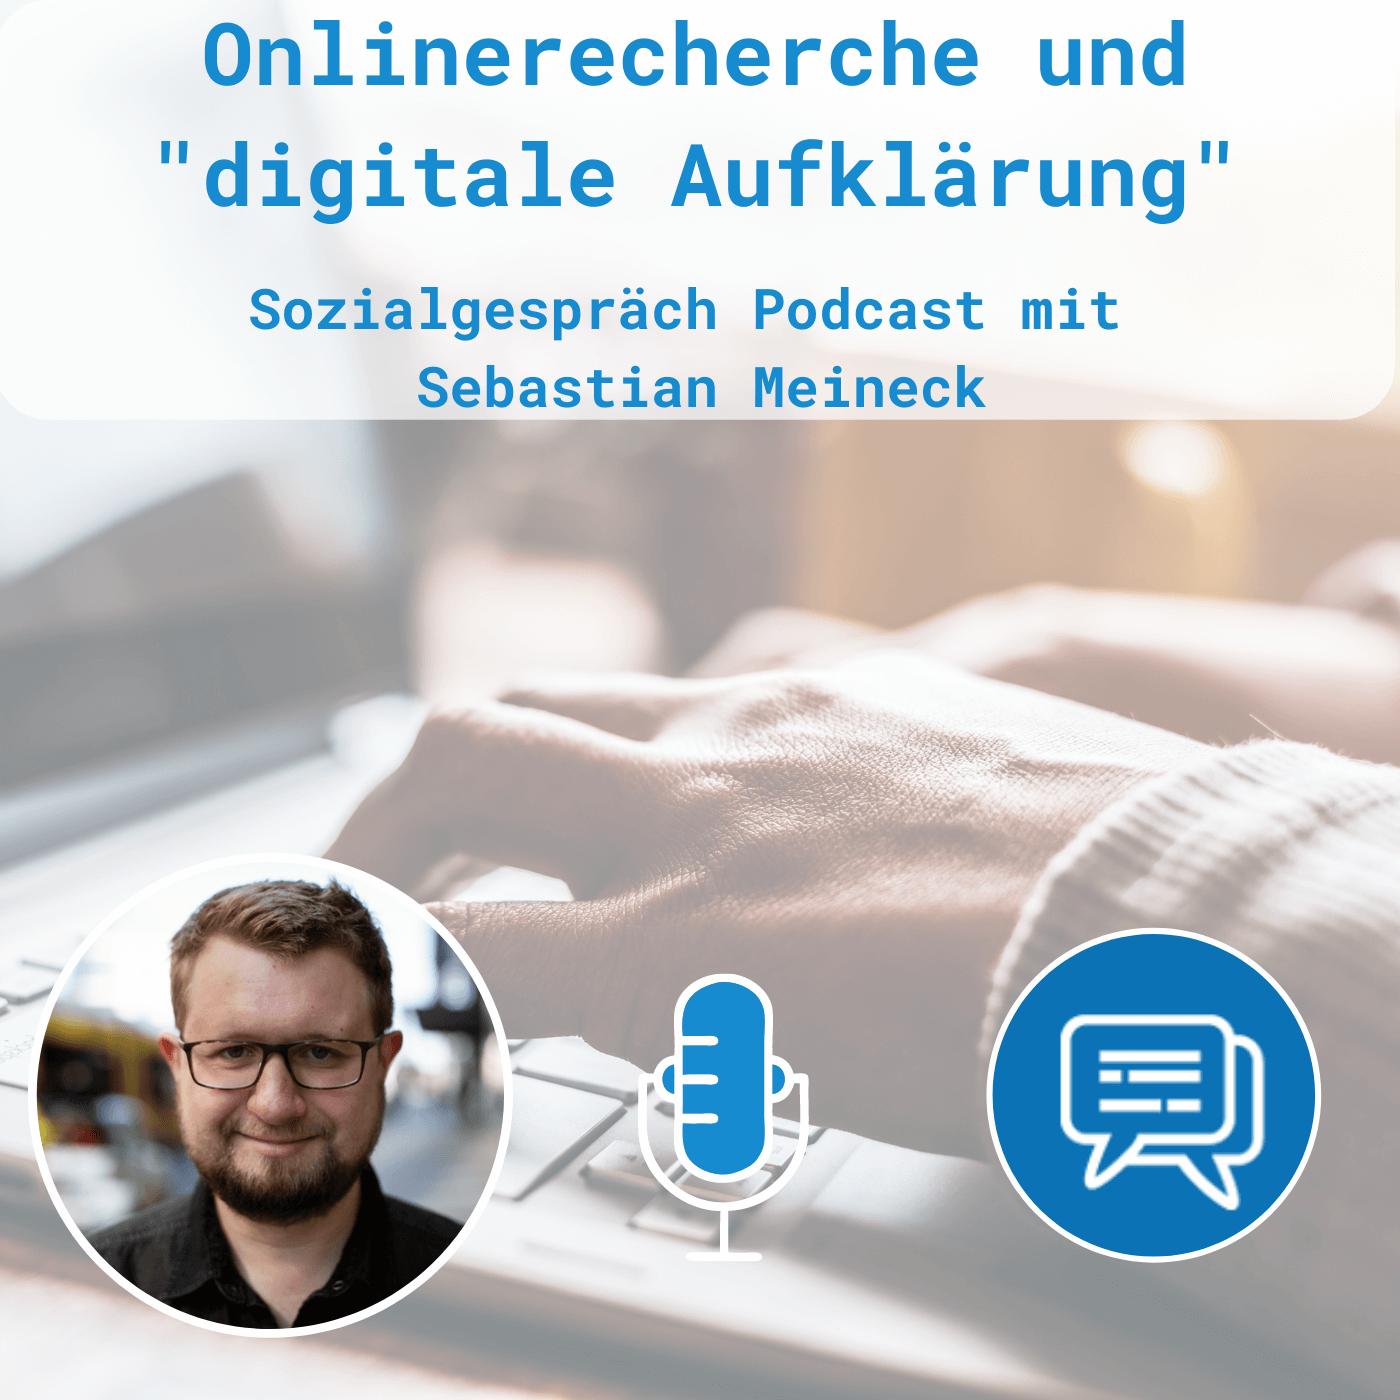 """Onlinerecherche und """"Aufklärung 2.0"""""""